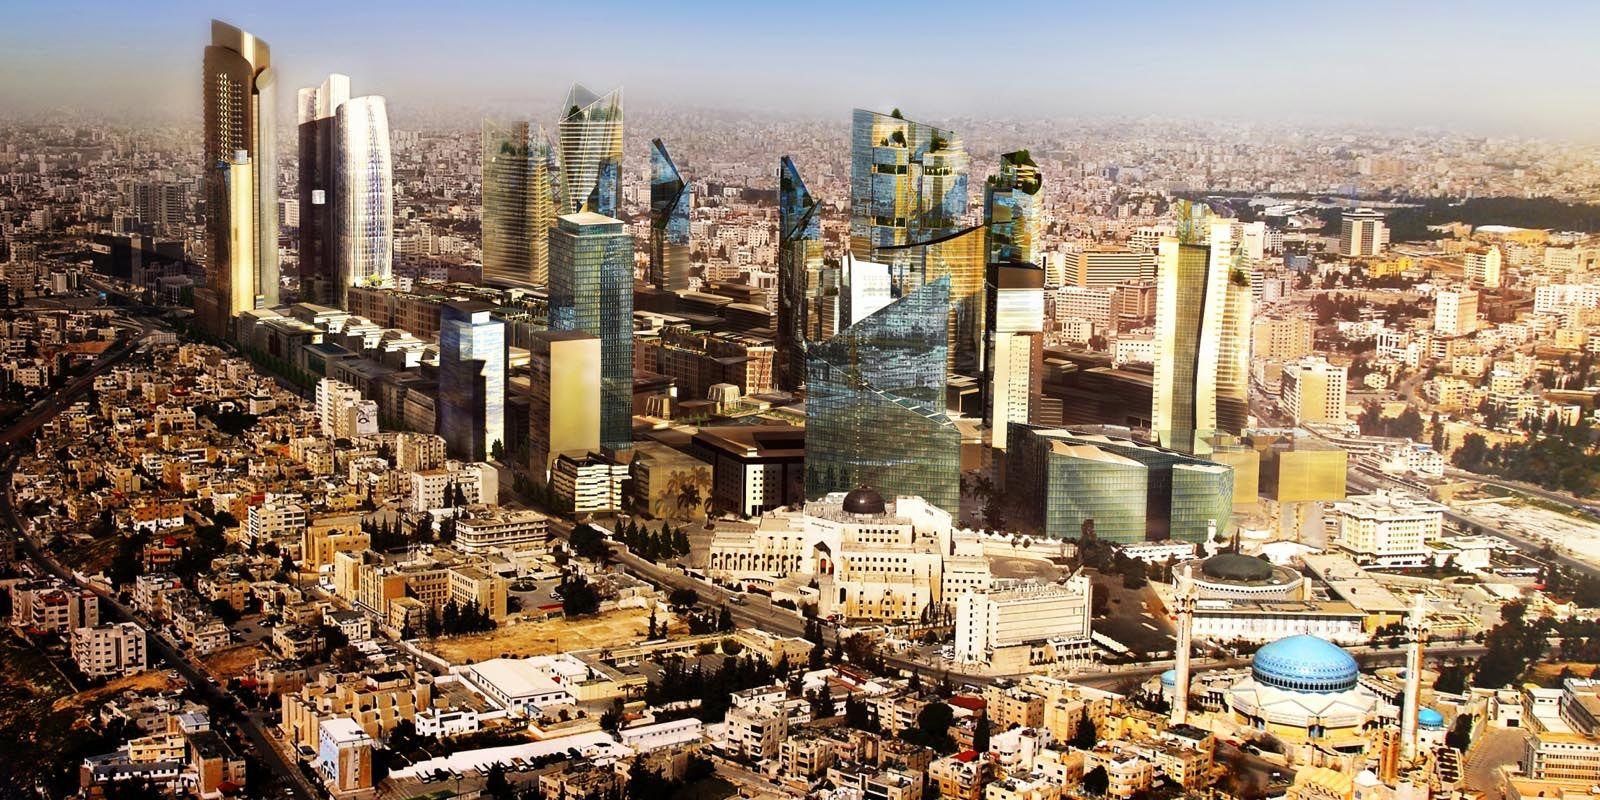 A view for Al Abdali- Amman